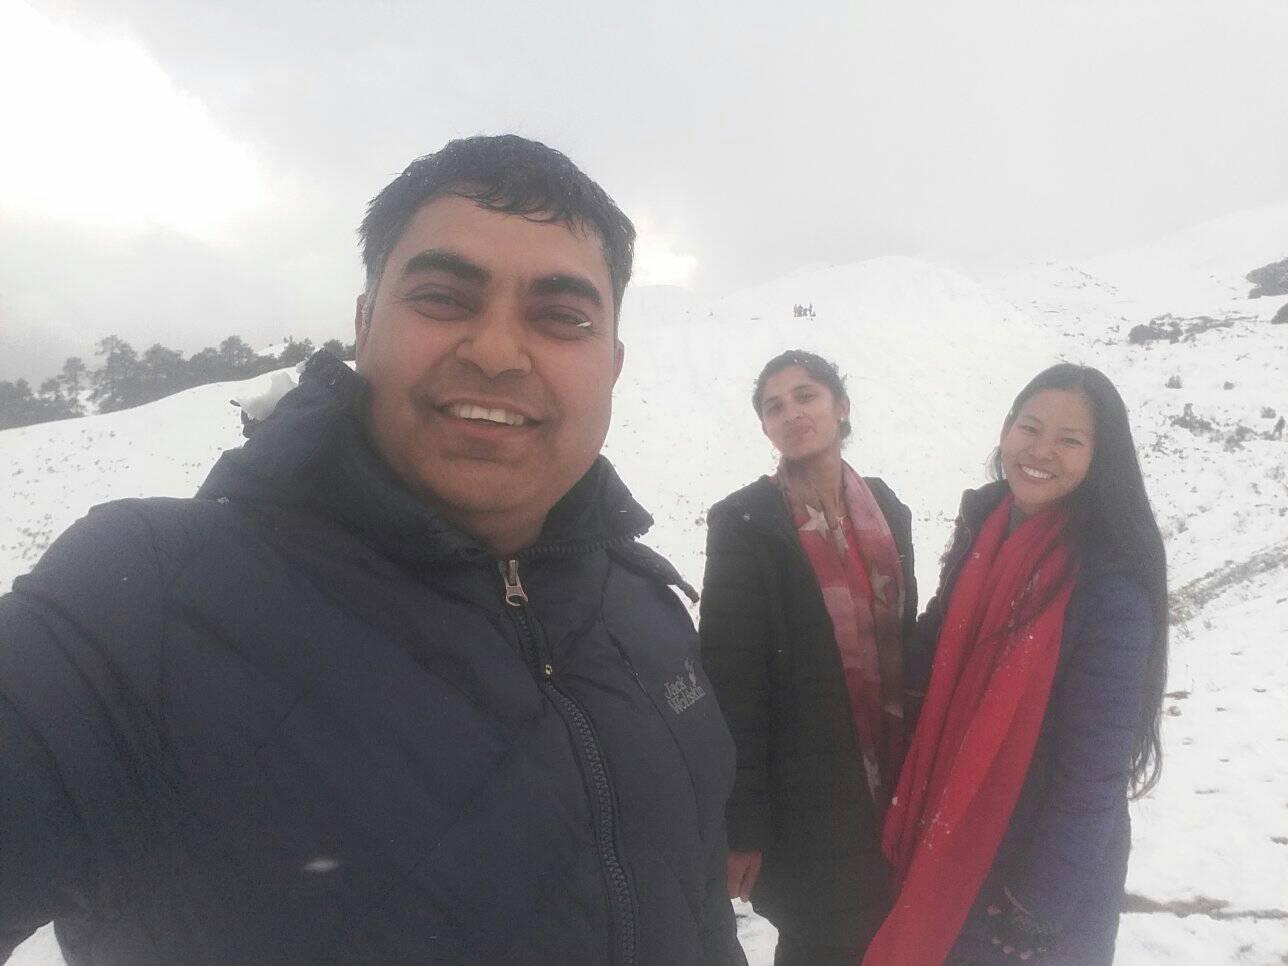 उच्च क्षेत्रमा वर्षा हिमपात, पर्यटक र किसानमा खुशी छायो